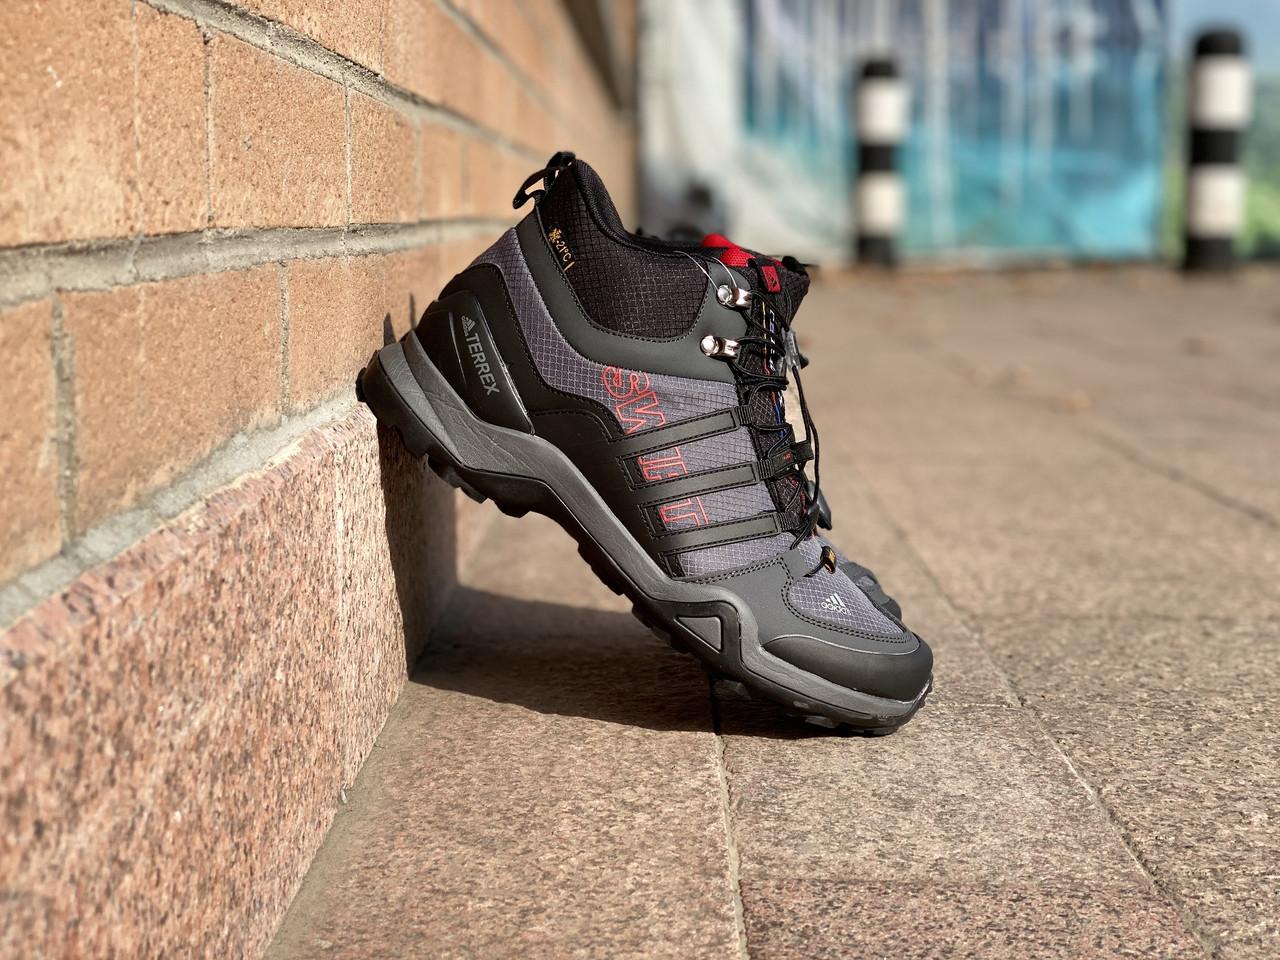 Кроссовки зимние Adidas Terrex GTX 455 (Gore-Tex) - фото 2